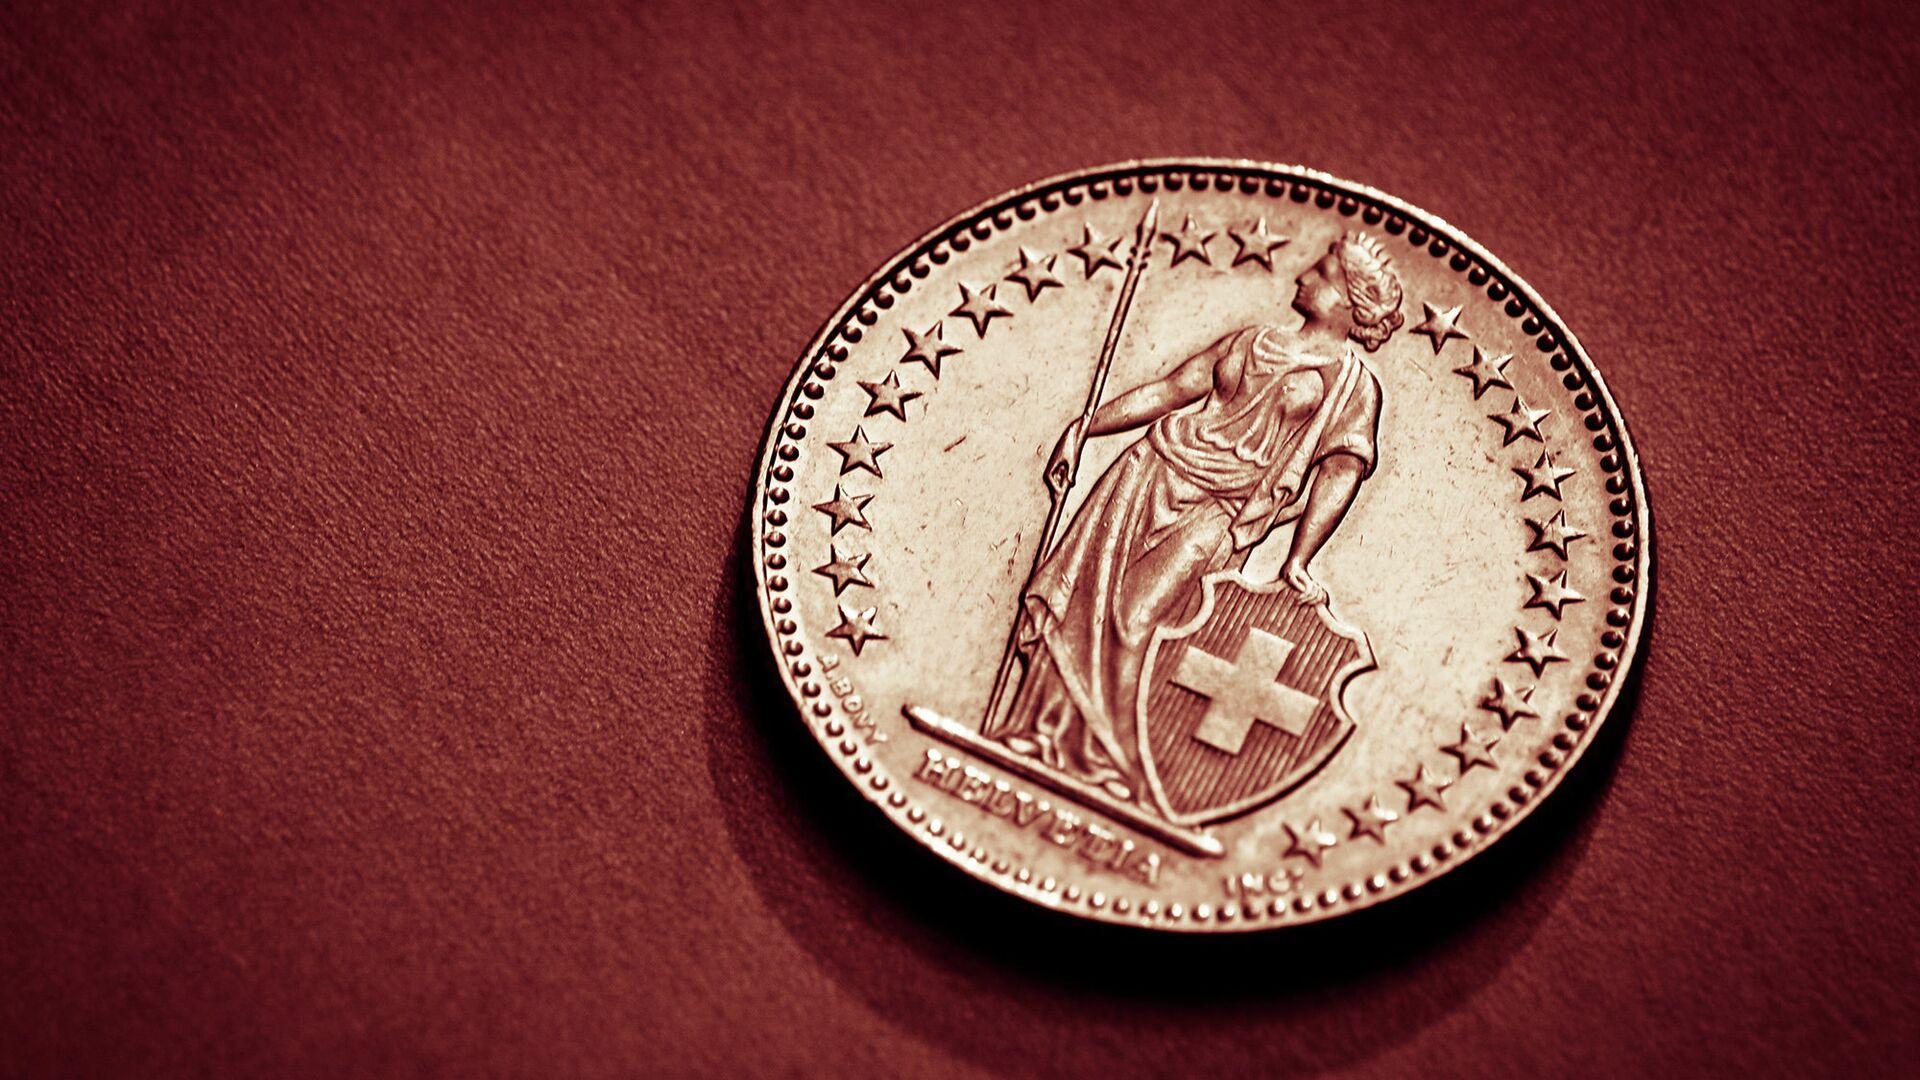 Швейцарский франк. Архивное фото - РИА Новости, 1920, 08.09.2020